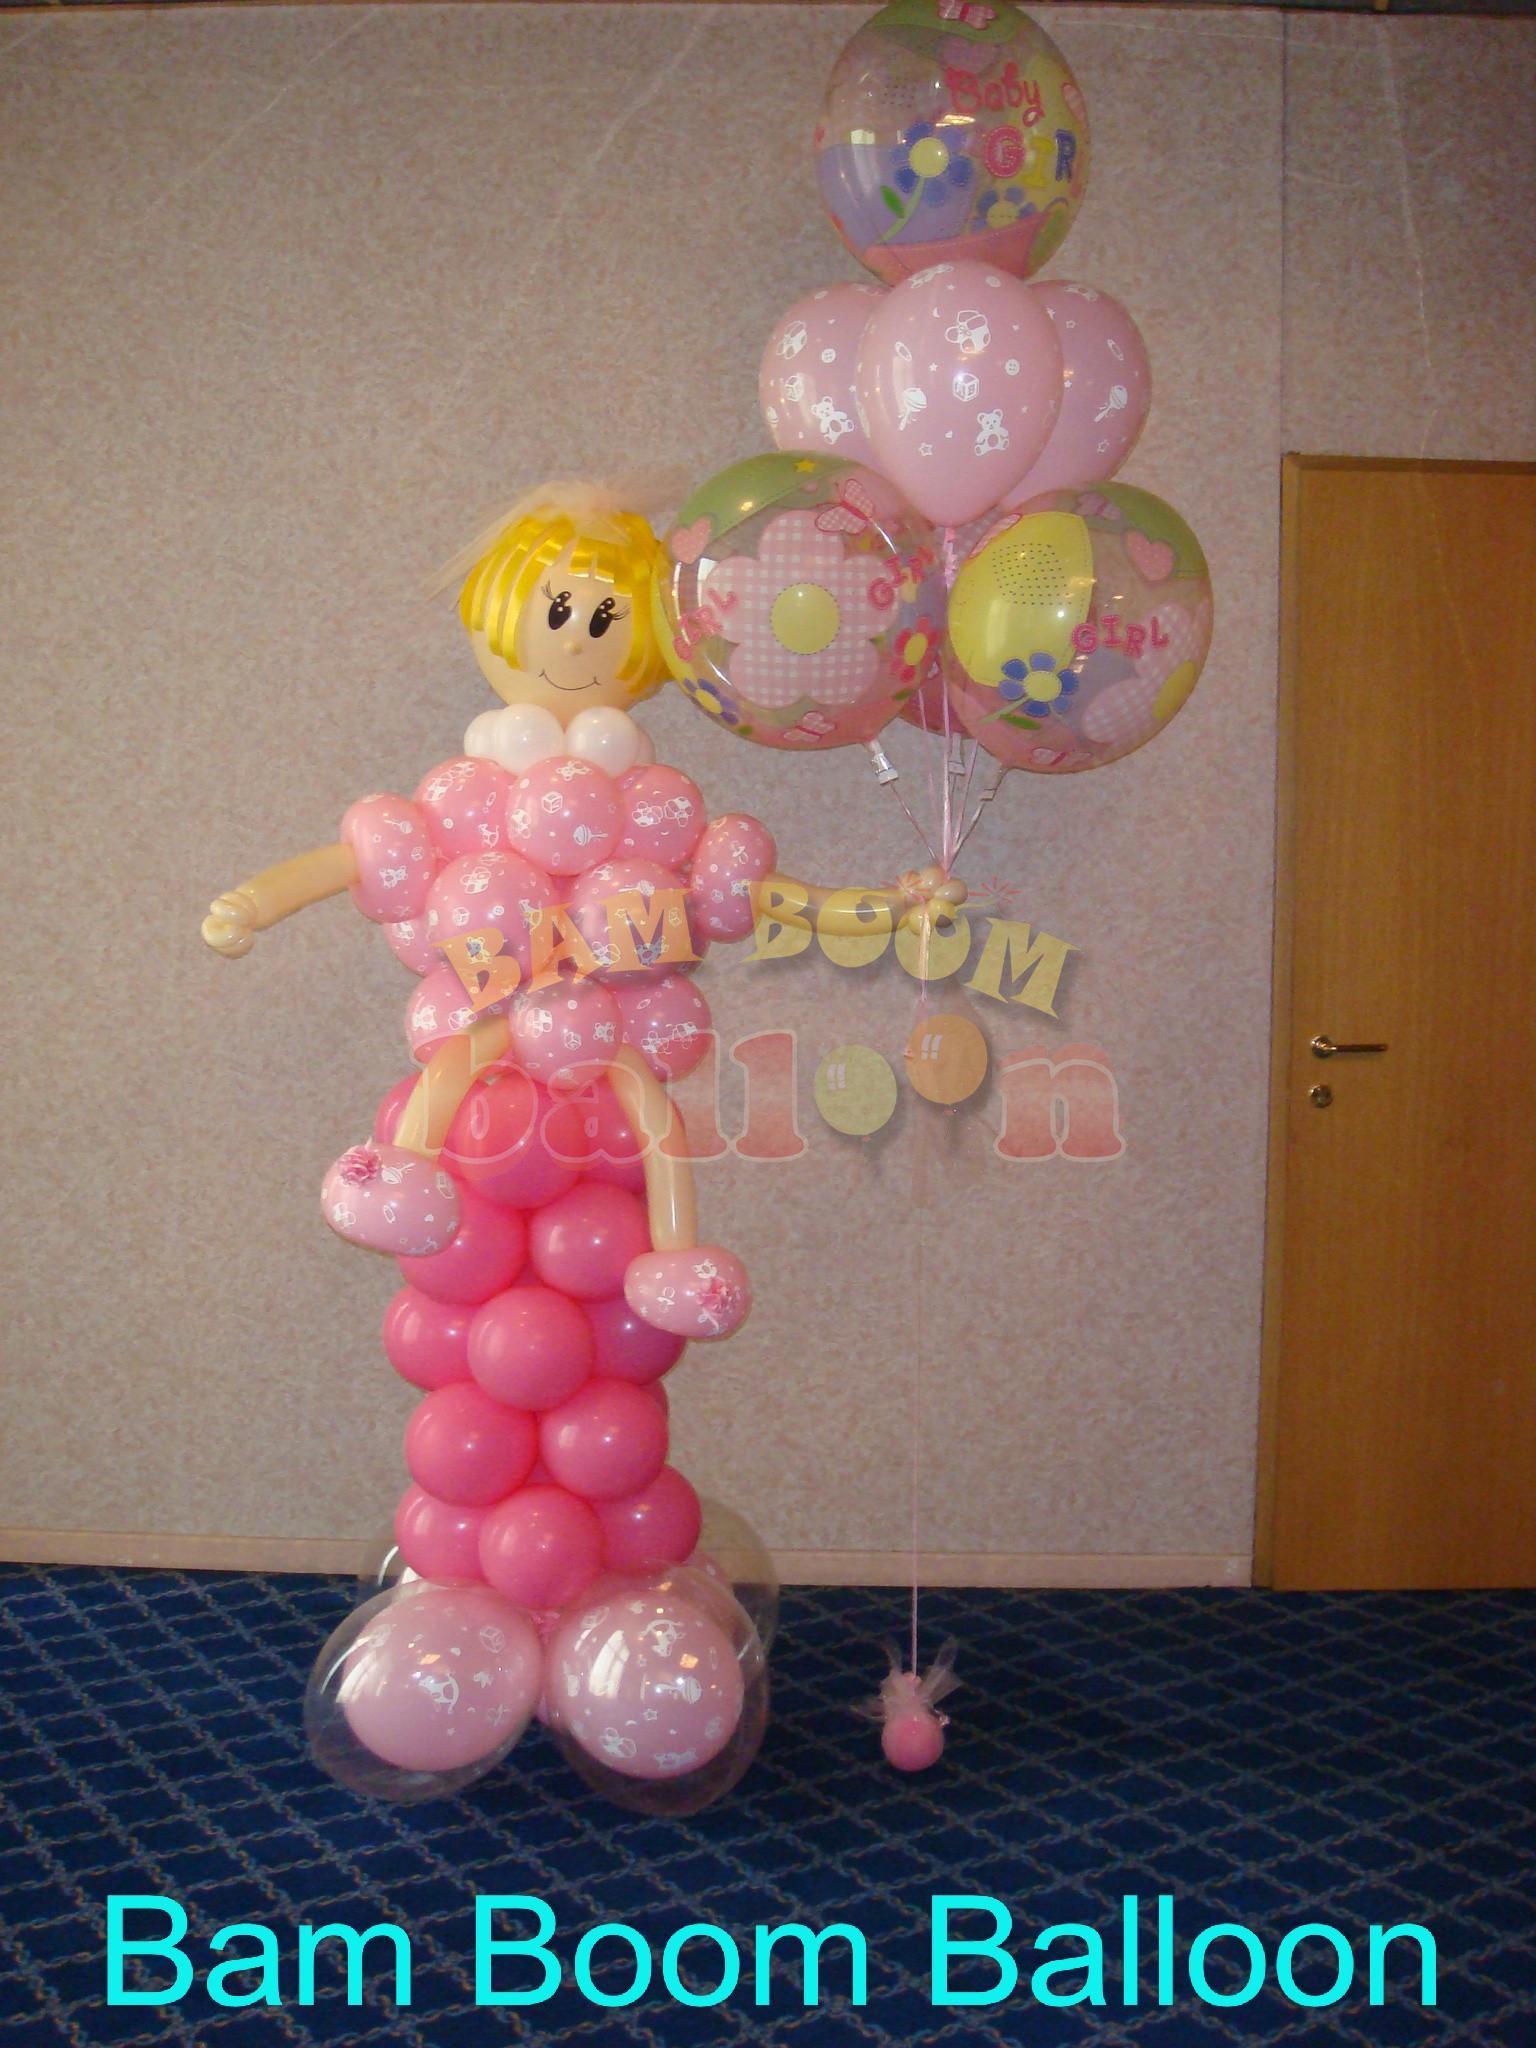 Κοριτσάκι σε βάση από μπαλόνια